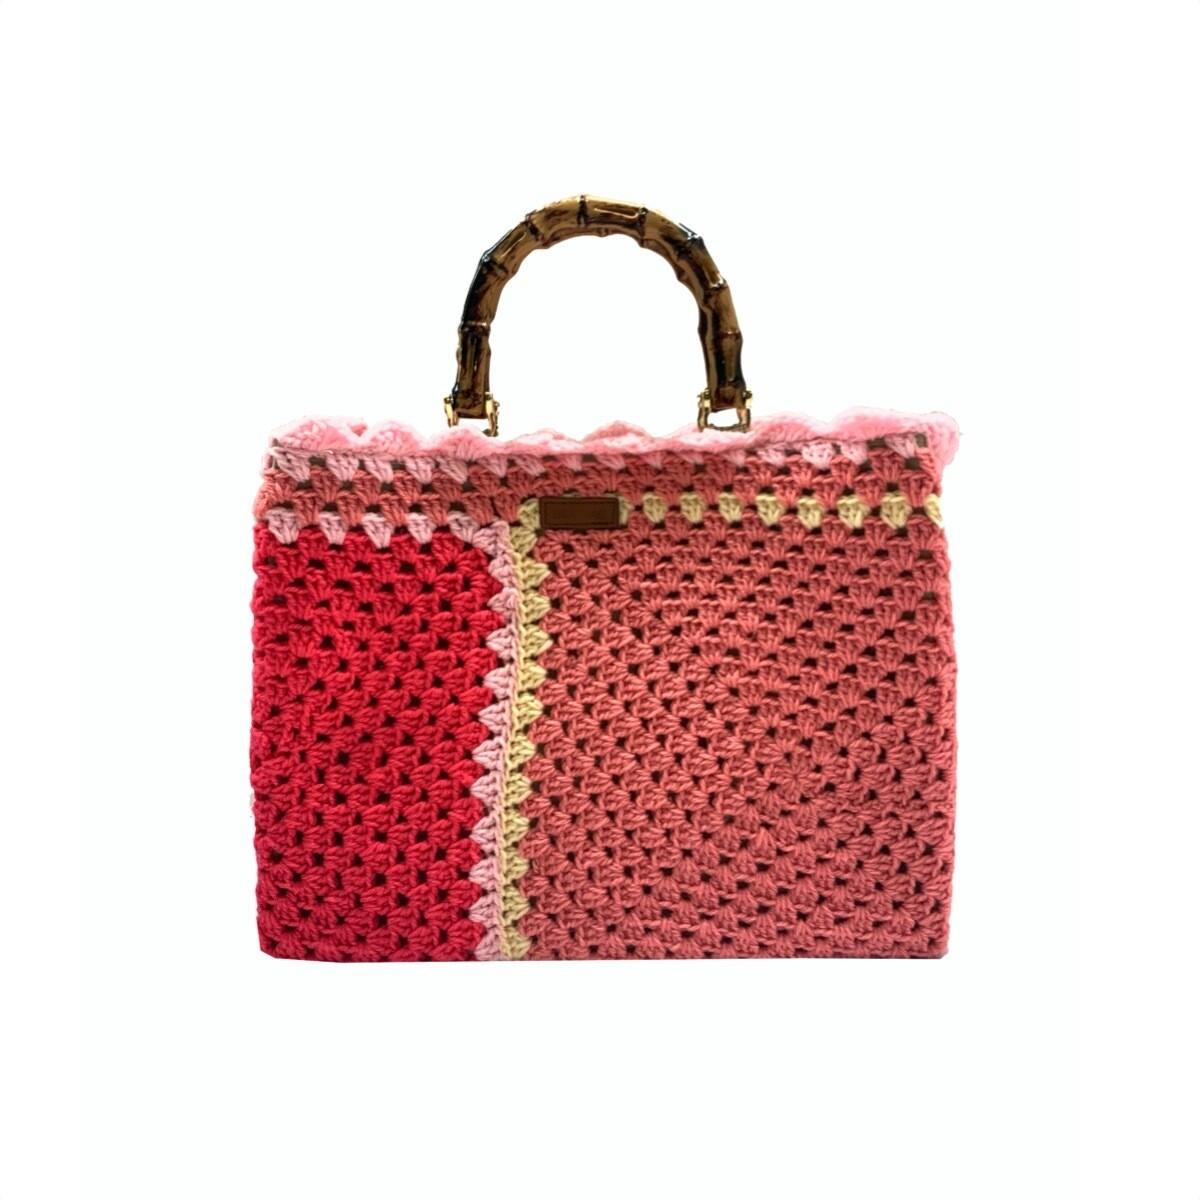 MIA BAG - Tote Bamboo Crochet - Multicolor Rosa